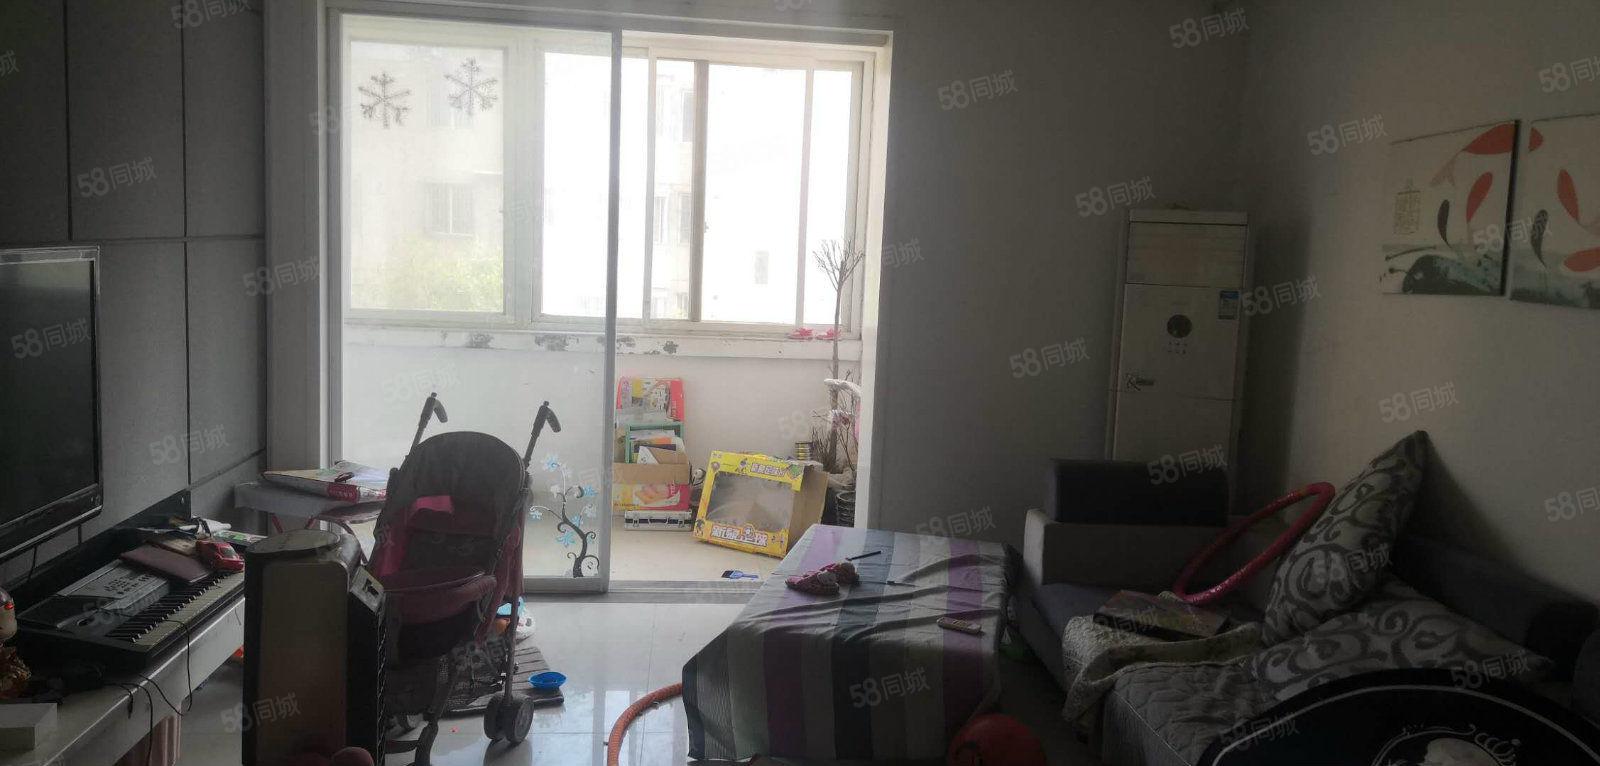 绿都家园3室2厅2卫精装修南北通透阳光好手续齐全可分期